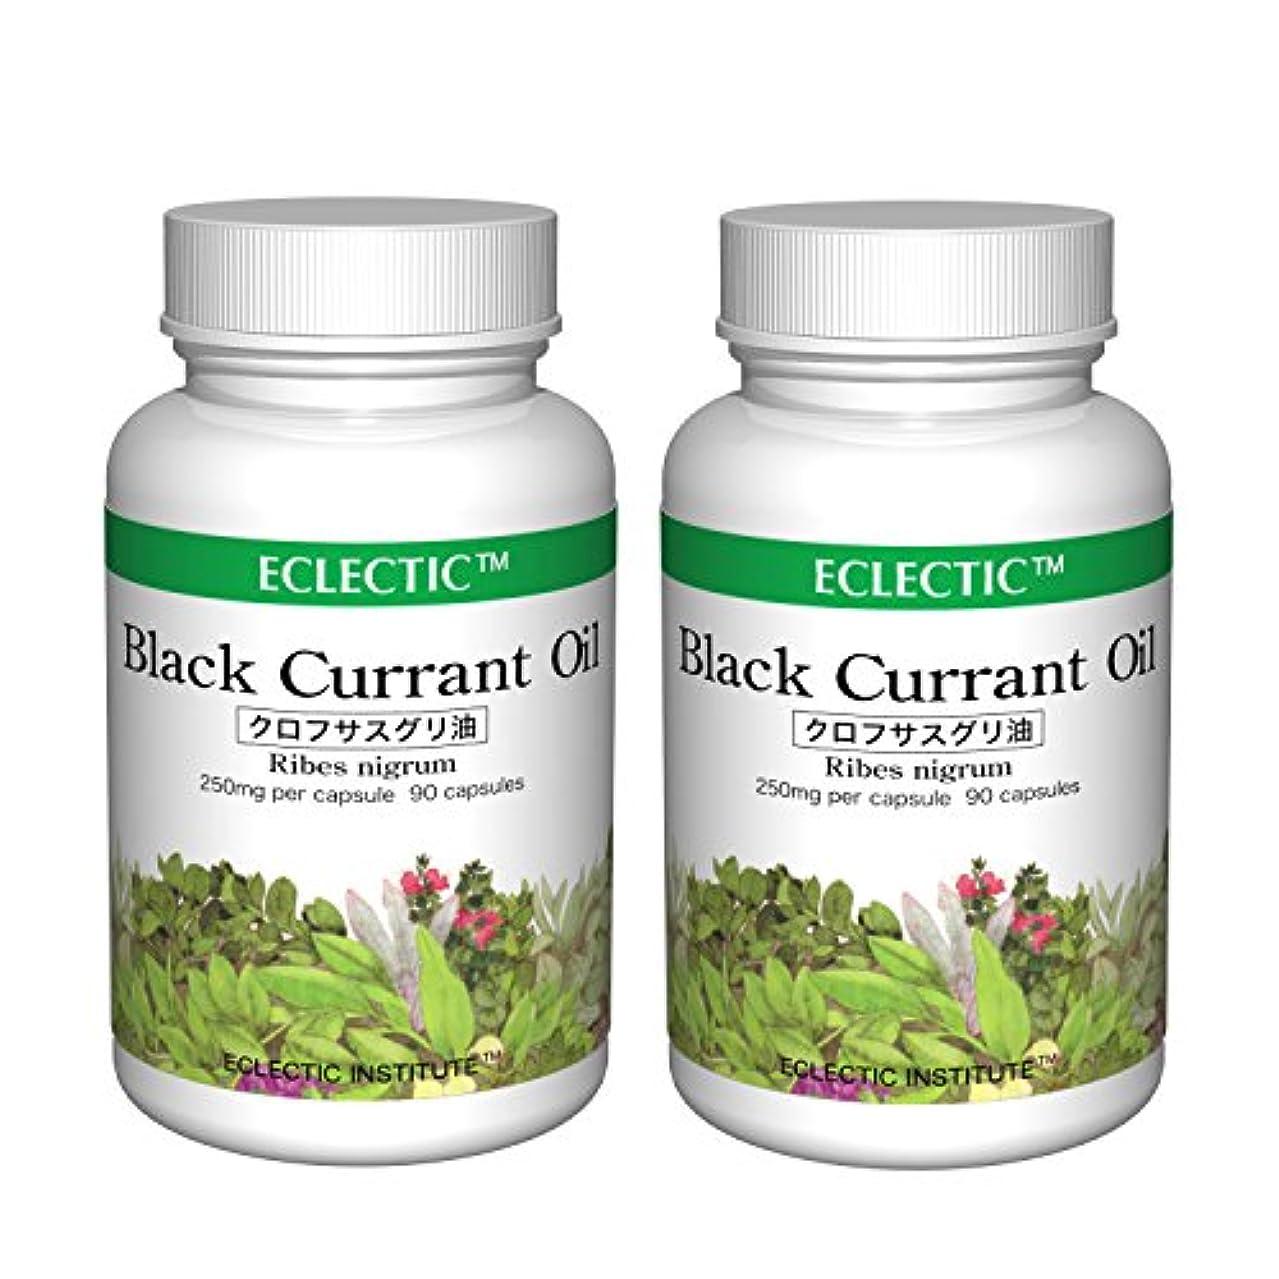 近似持っている乳剤ECLECTIC エクレクティック クロフサスグリ油 Black Currant Oil オイル 250mg 90カプセル 2個セット